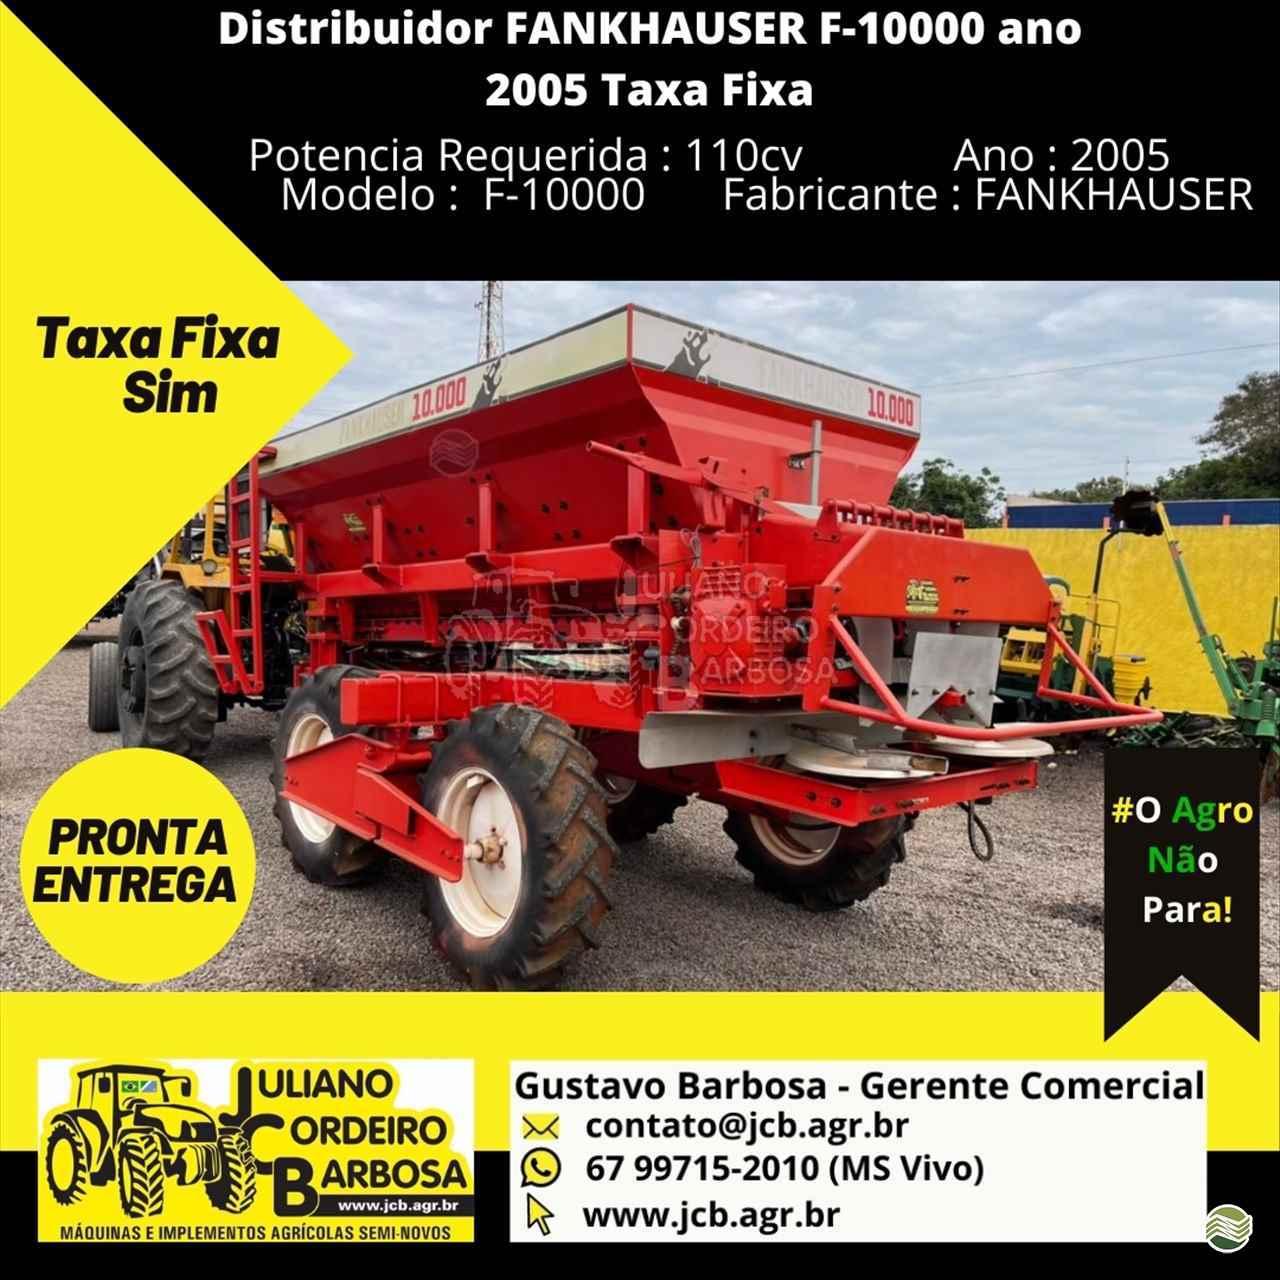 IMPLEMENTOS AGRICOLAS DISTRIBUIDOR CALCÁRIO 10000 Kg JCB Máquinas e Implementos Agrícolas MARACAJU MATO GROSSO DO SUL MS